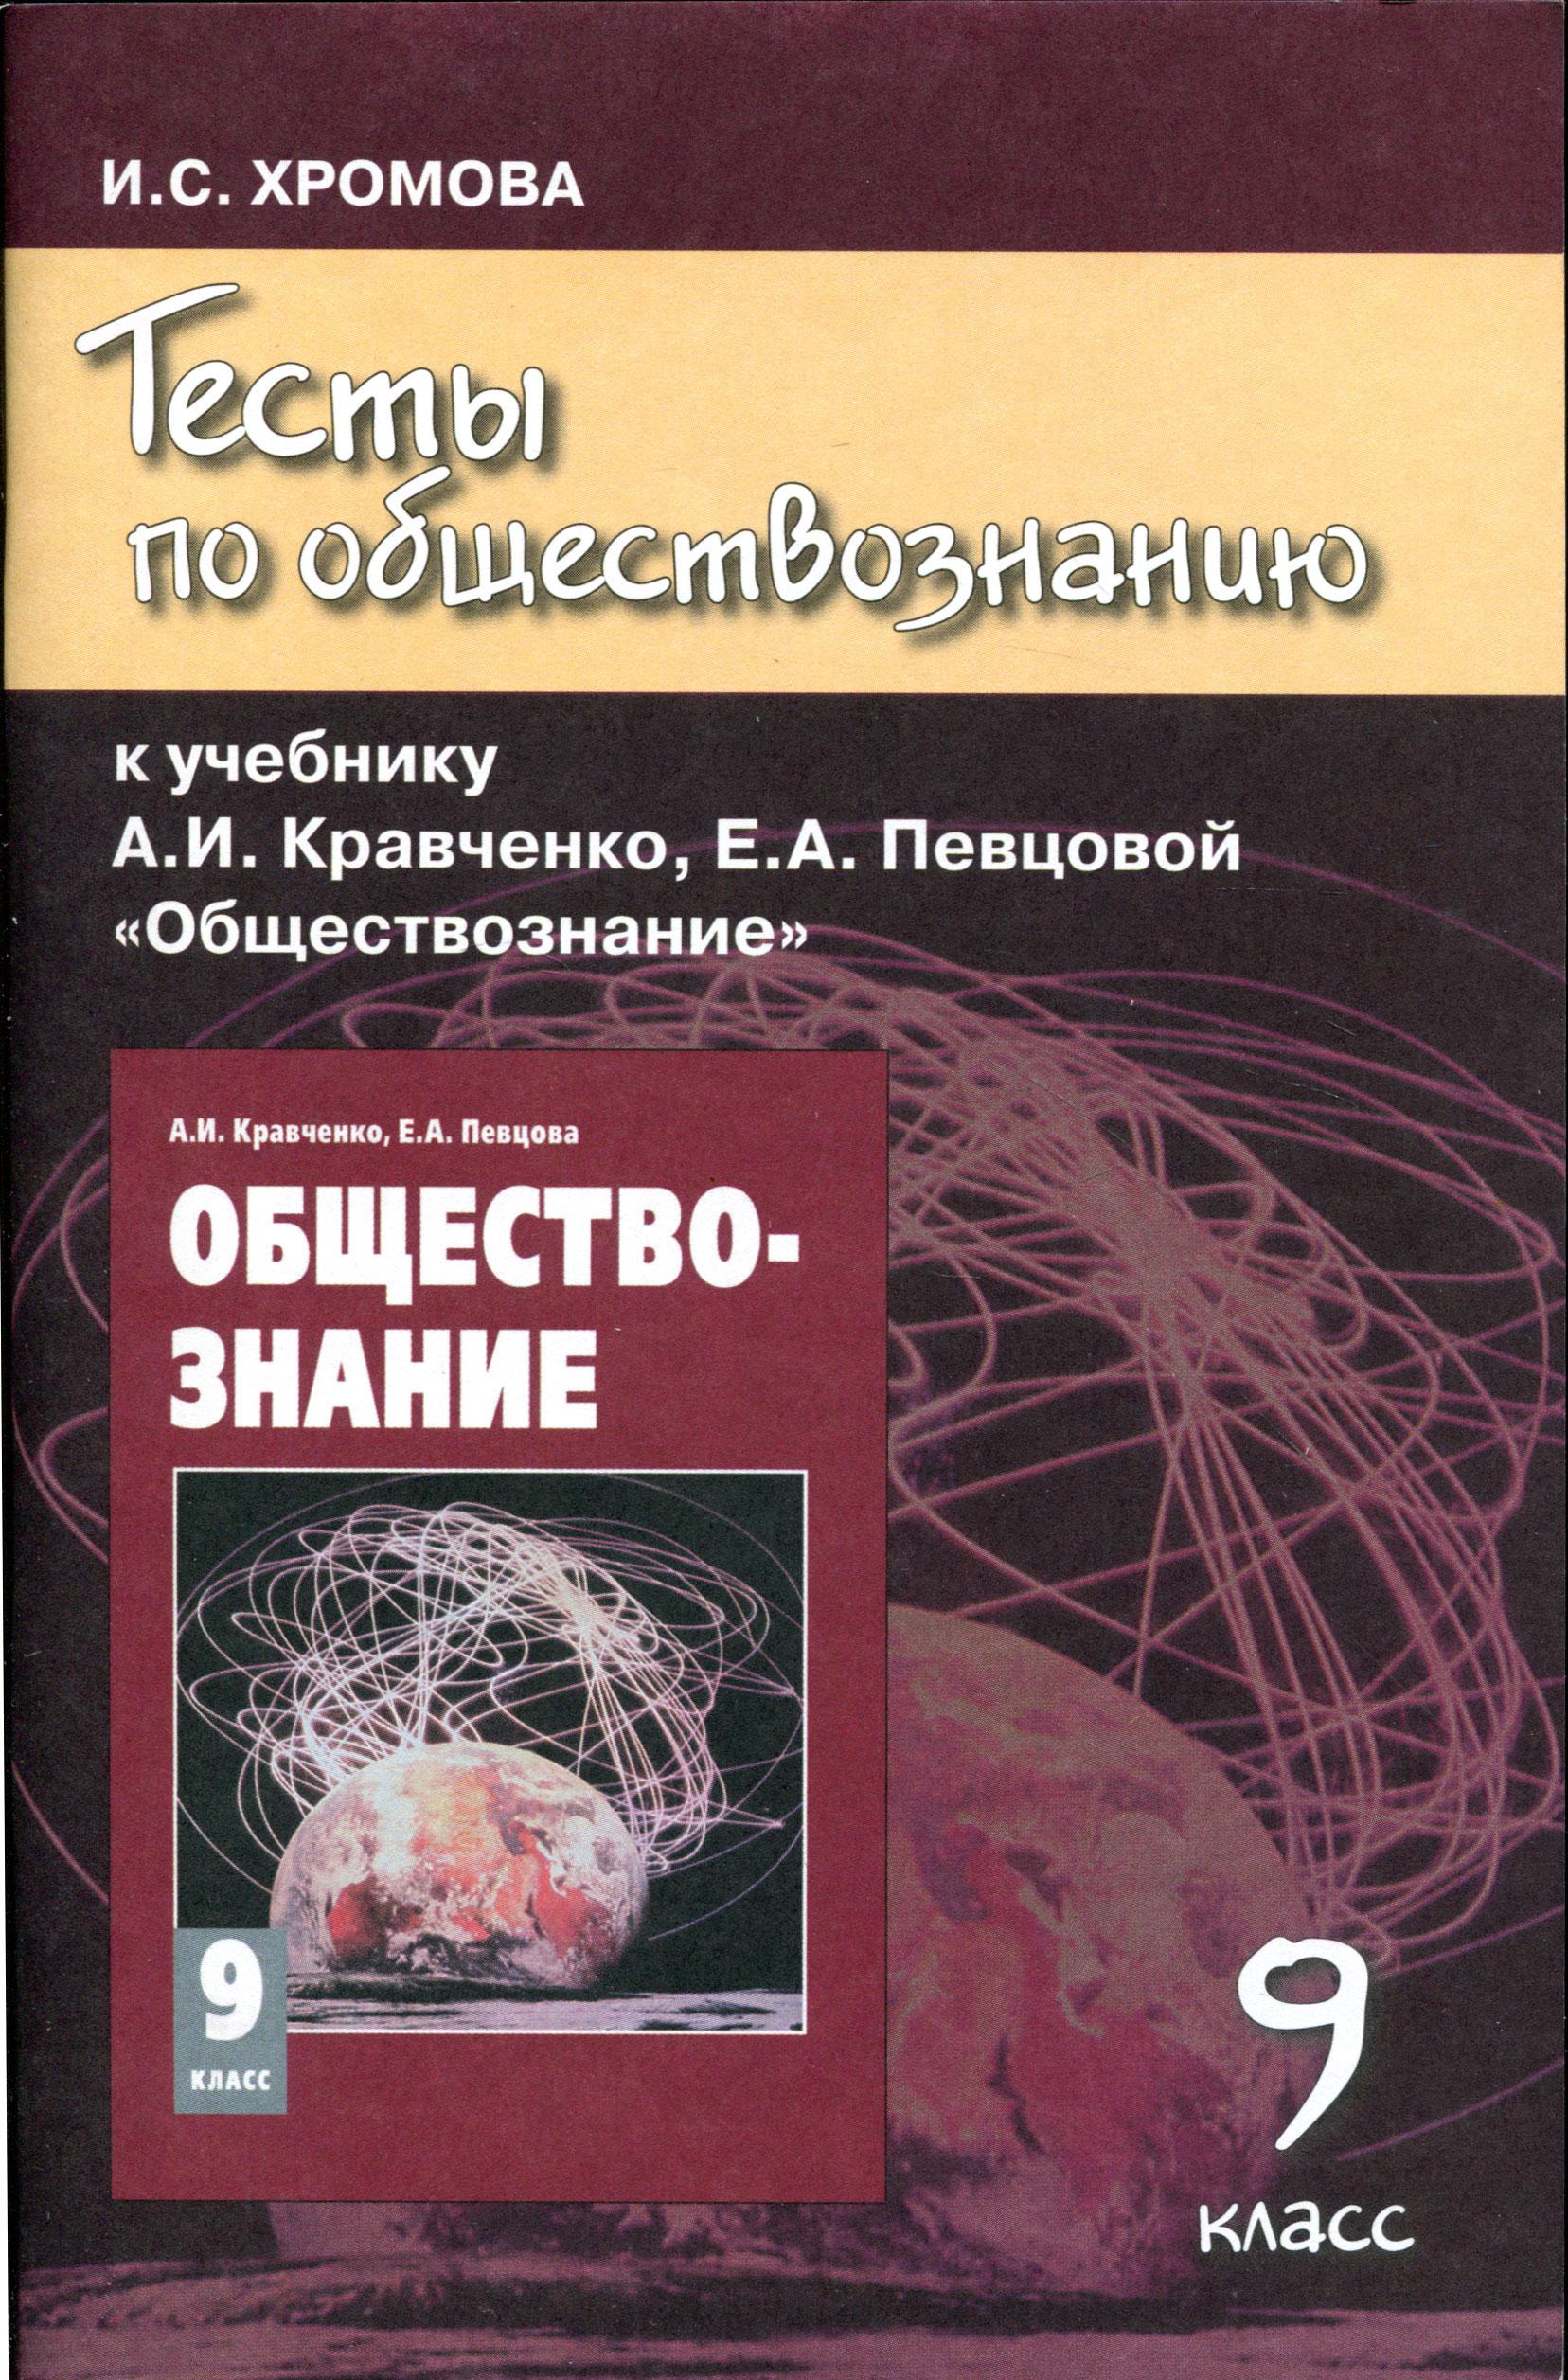 Обществознание. 9 класс. Тесты. К учебнику А. И. Кравченко, Е. А. Певцовой, И. С. Хромова